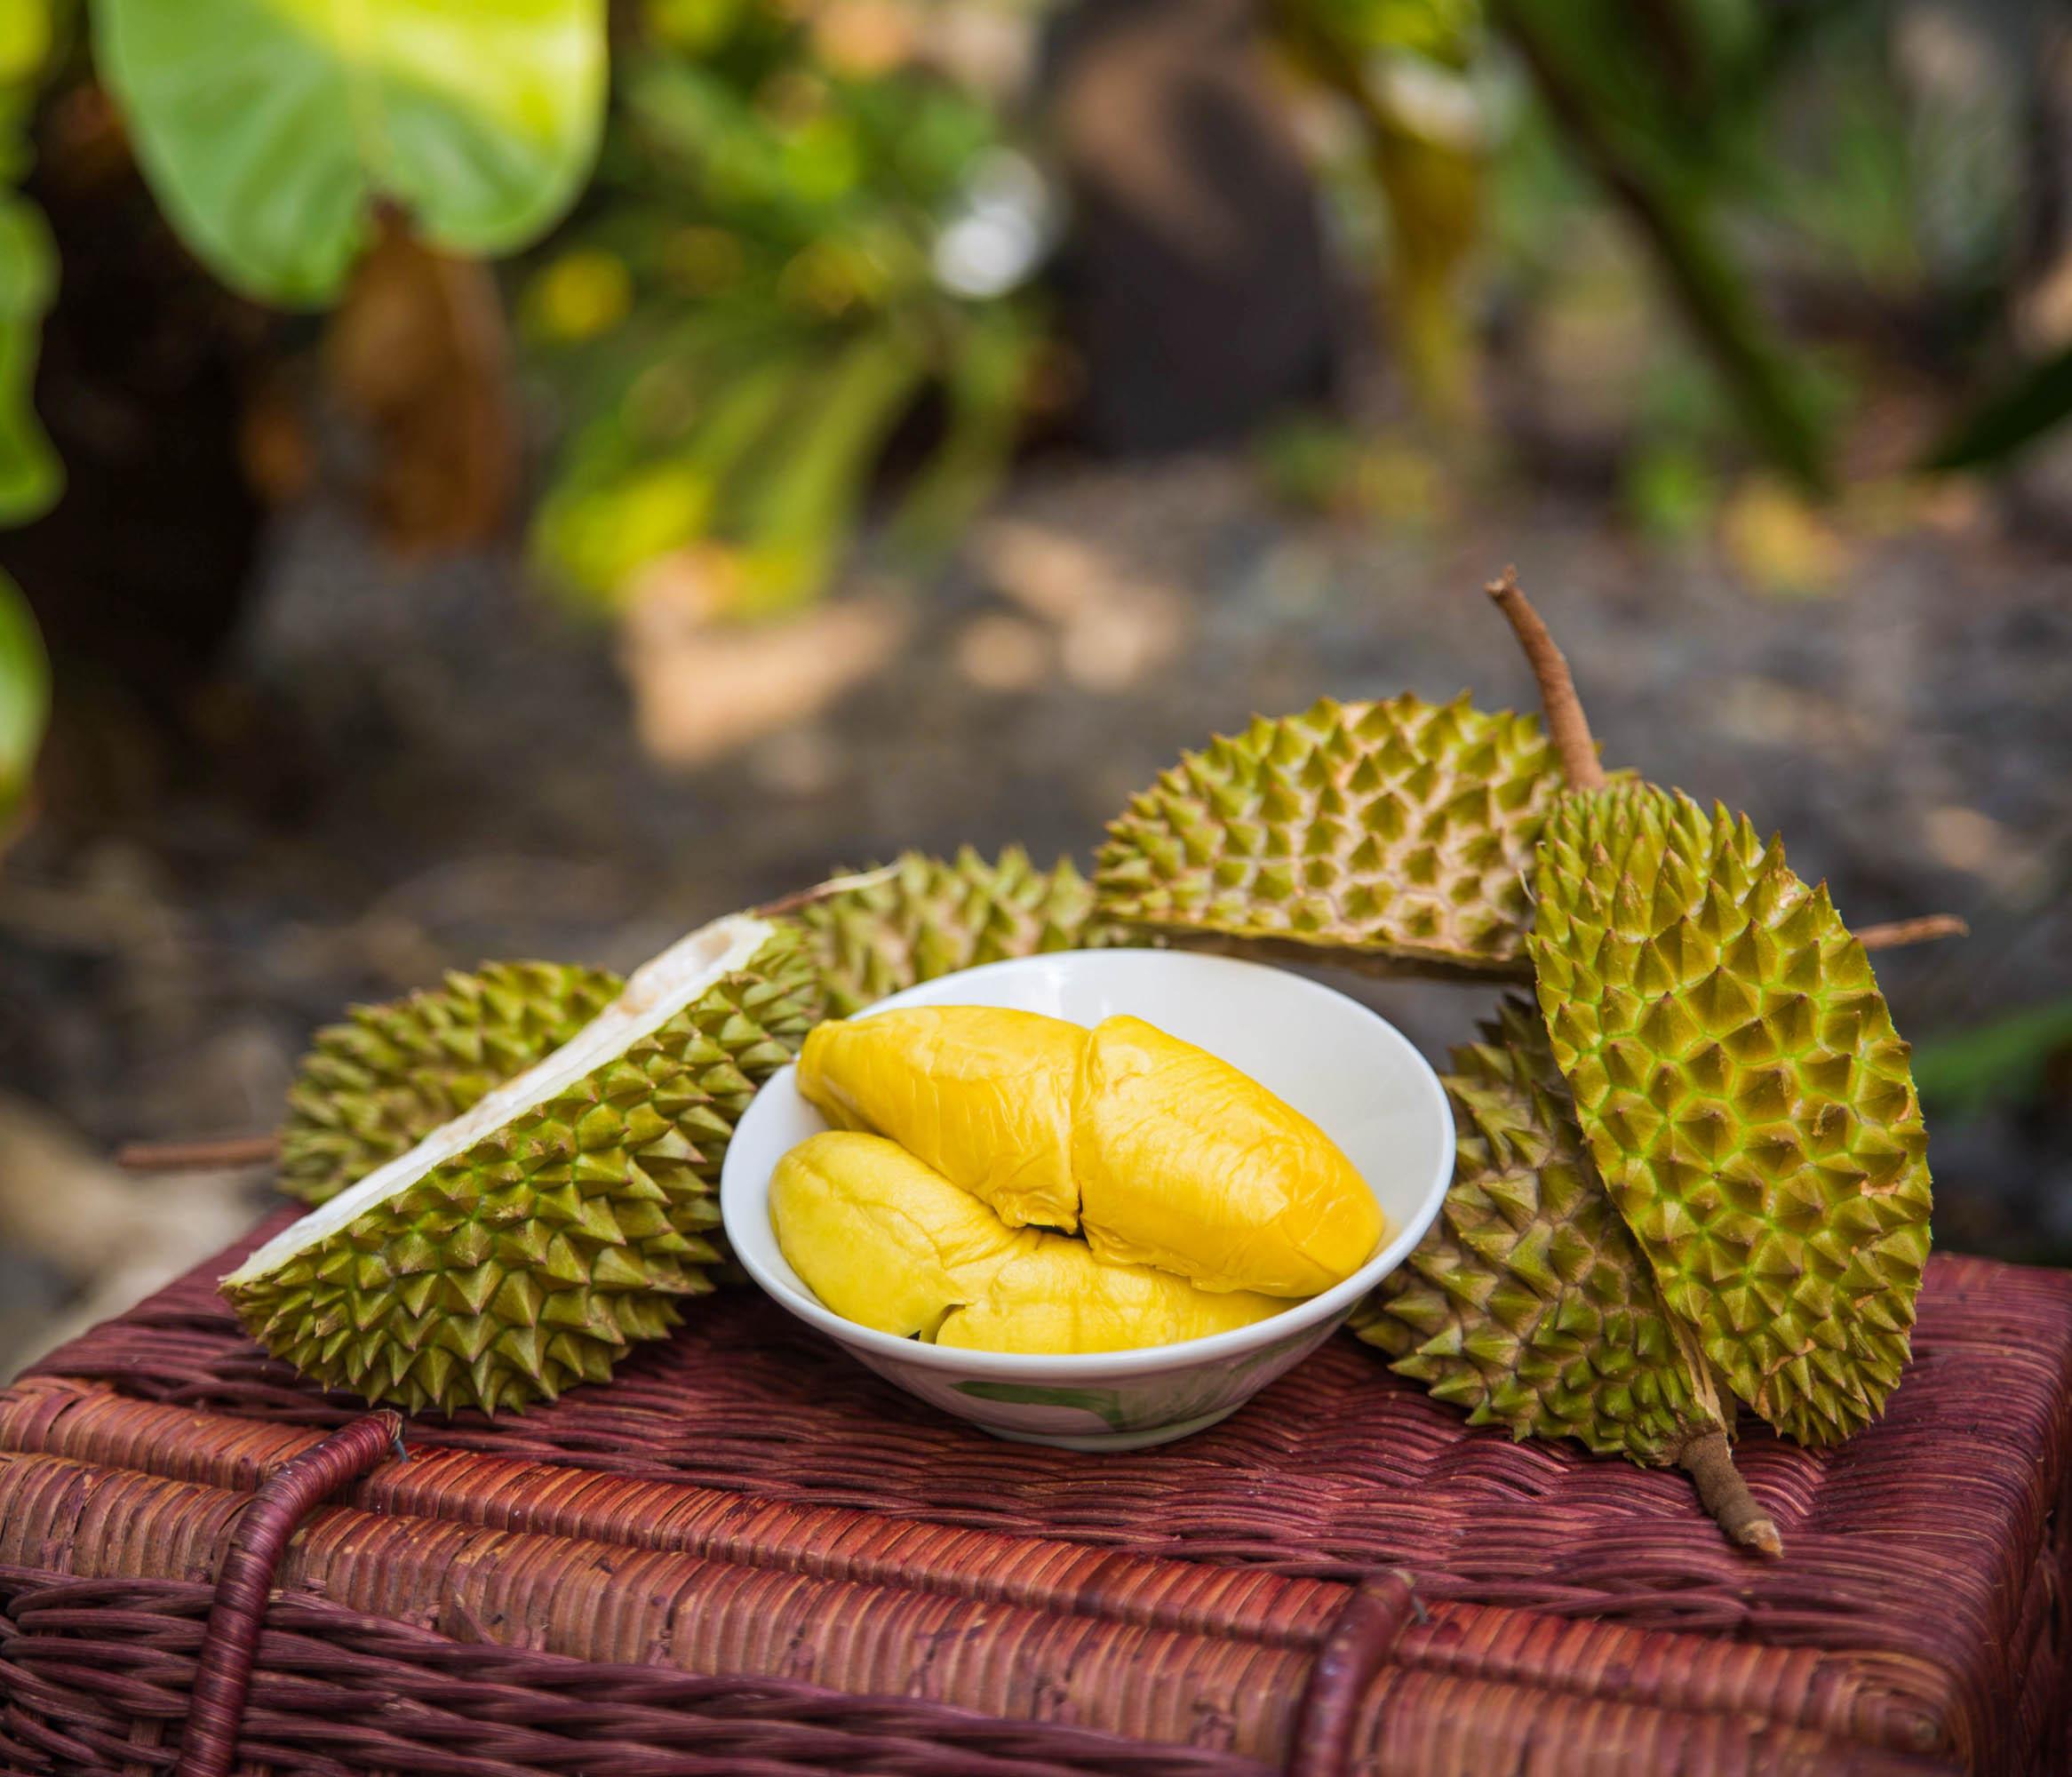 - 榴槤貴族的堅持榴槤貴族堅持「三日」原則,即榴槤從樹上落地後,三日內送到顧客手上。我們致力為大家提供最新鮮、最優質的榴槤,滿足愛好者的味蕾﹗Mr. Durian adopts the